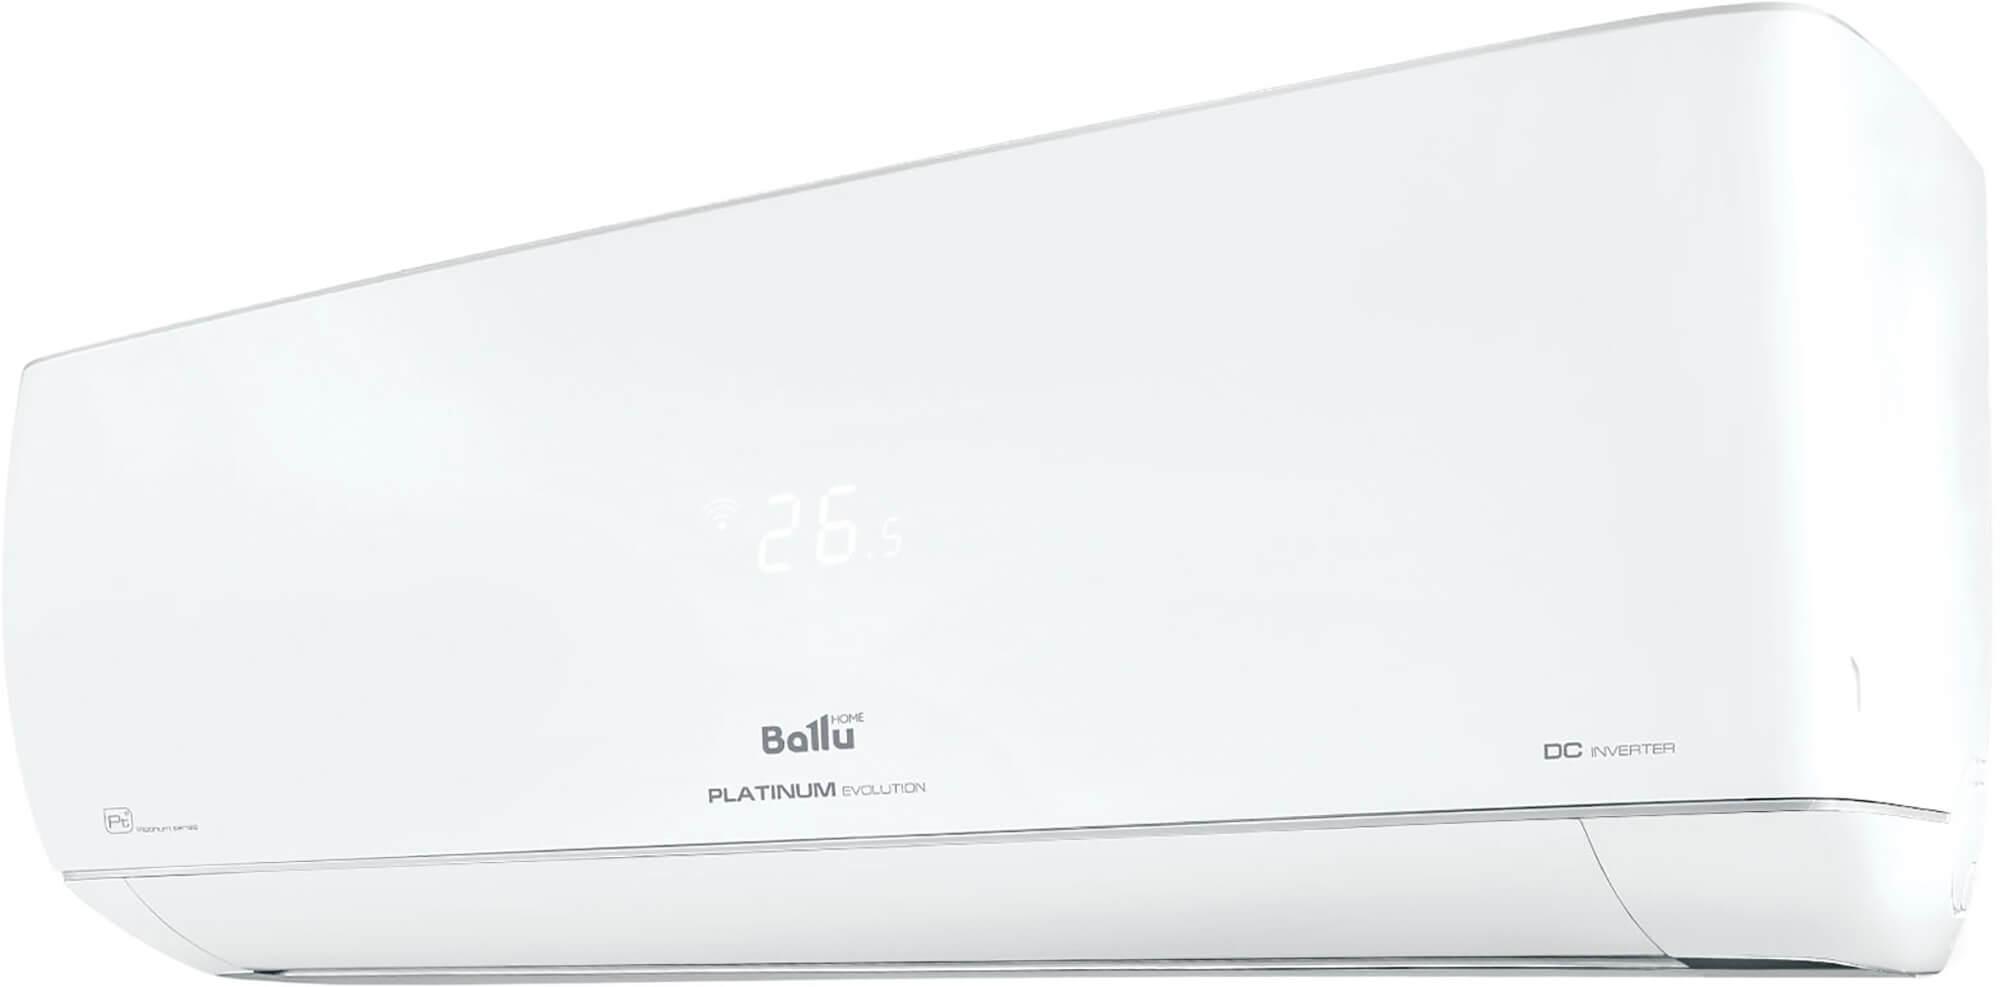 BSUI-09HN81